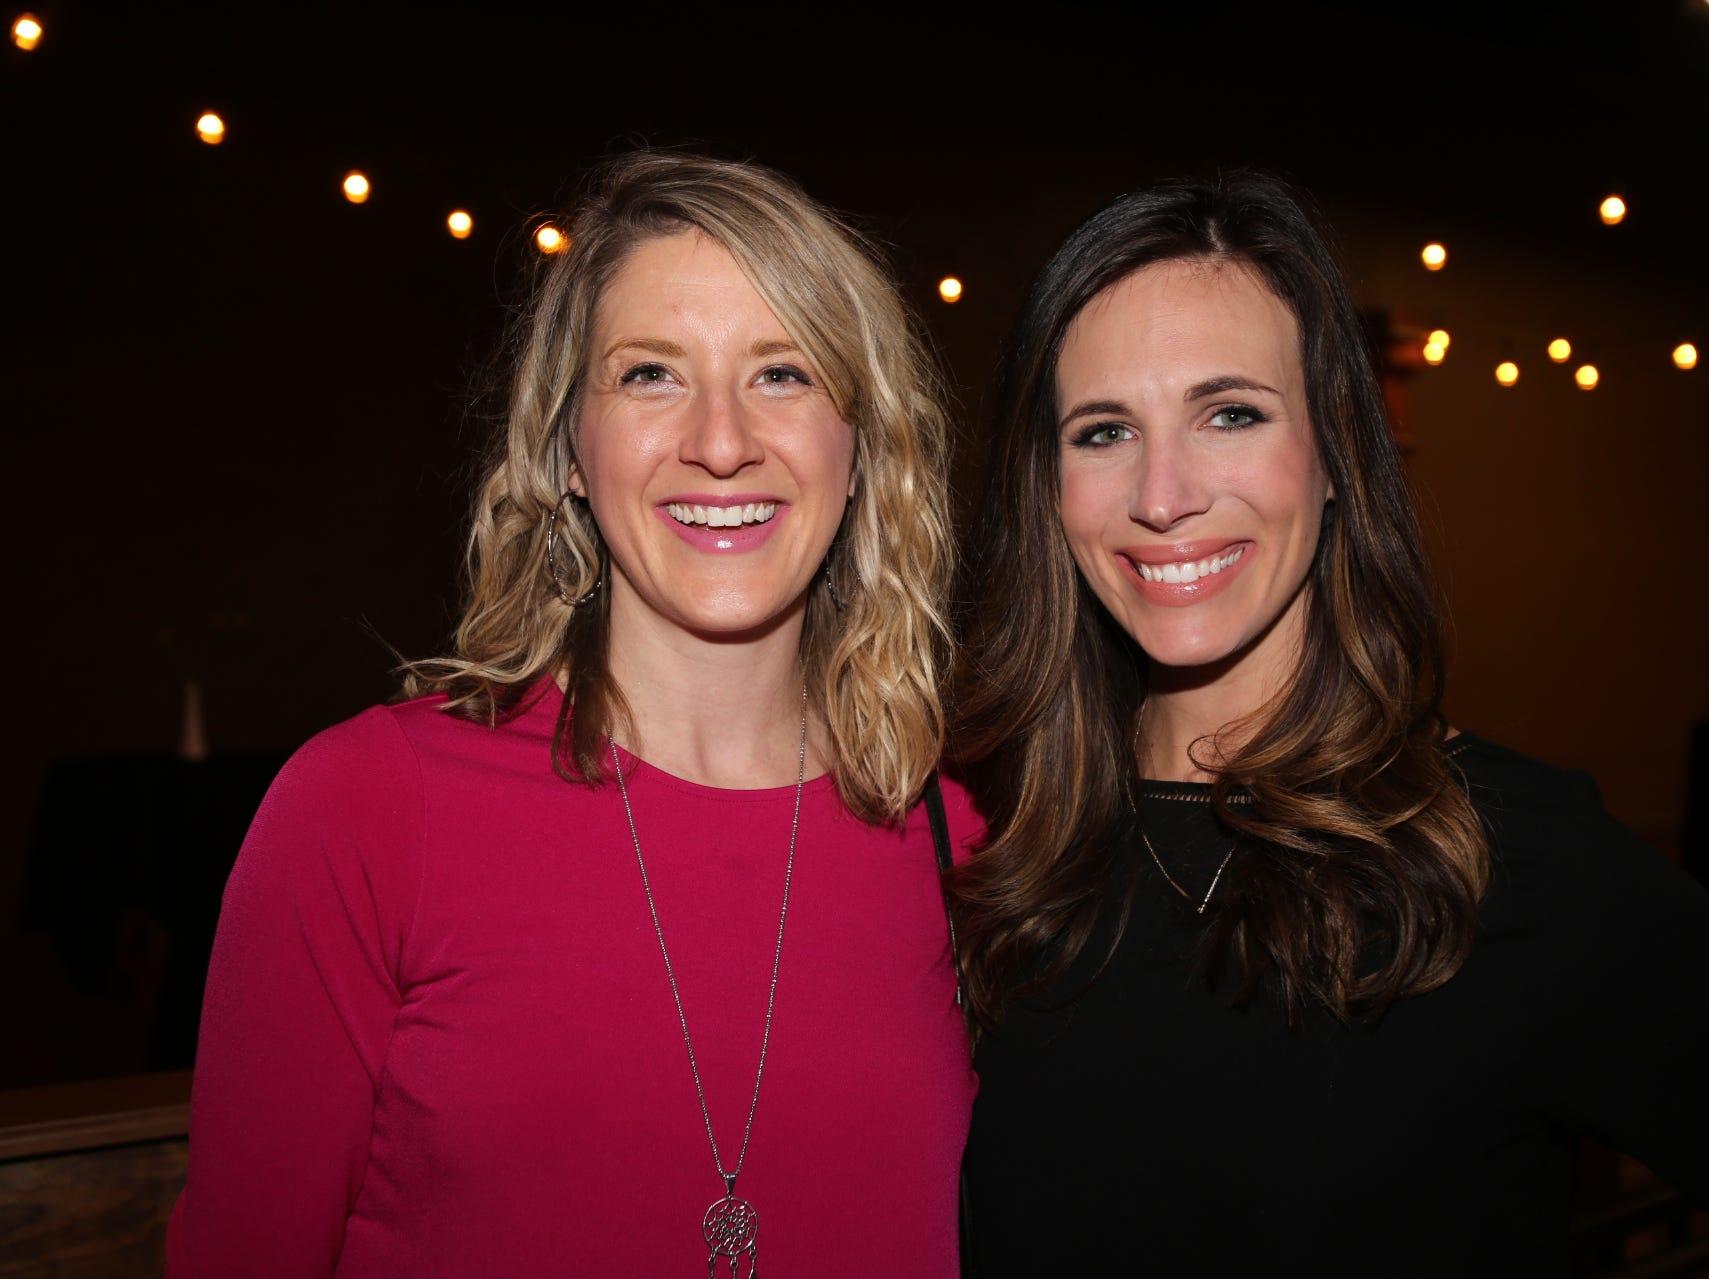 Melanie Setser and Cassie Sickman